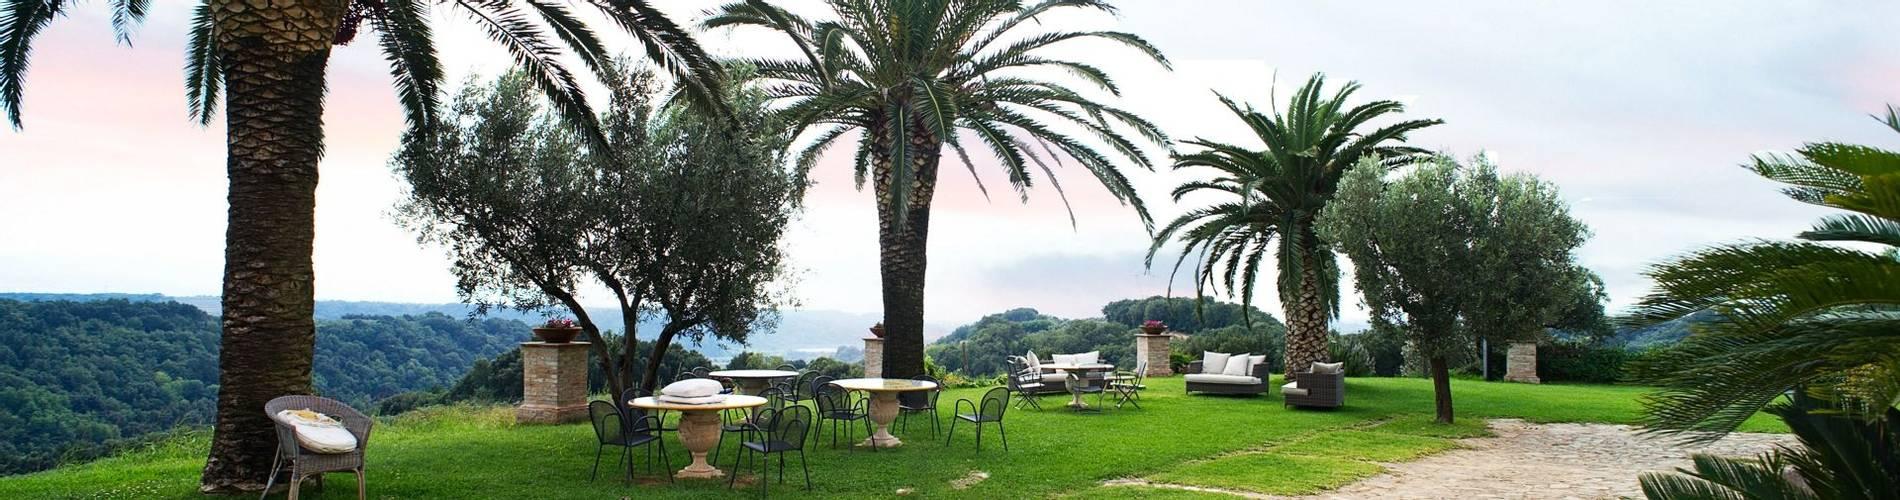 Il Casale, Calabria, Italy (14).jpg